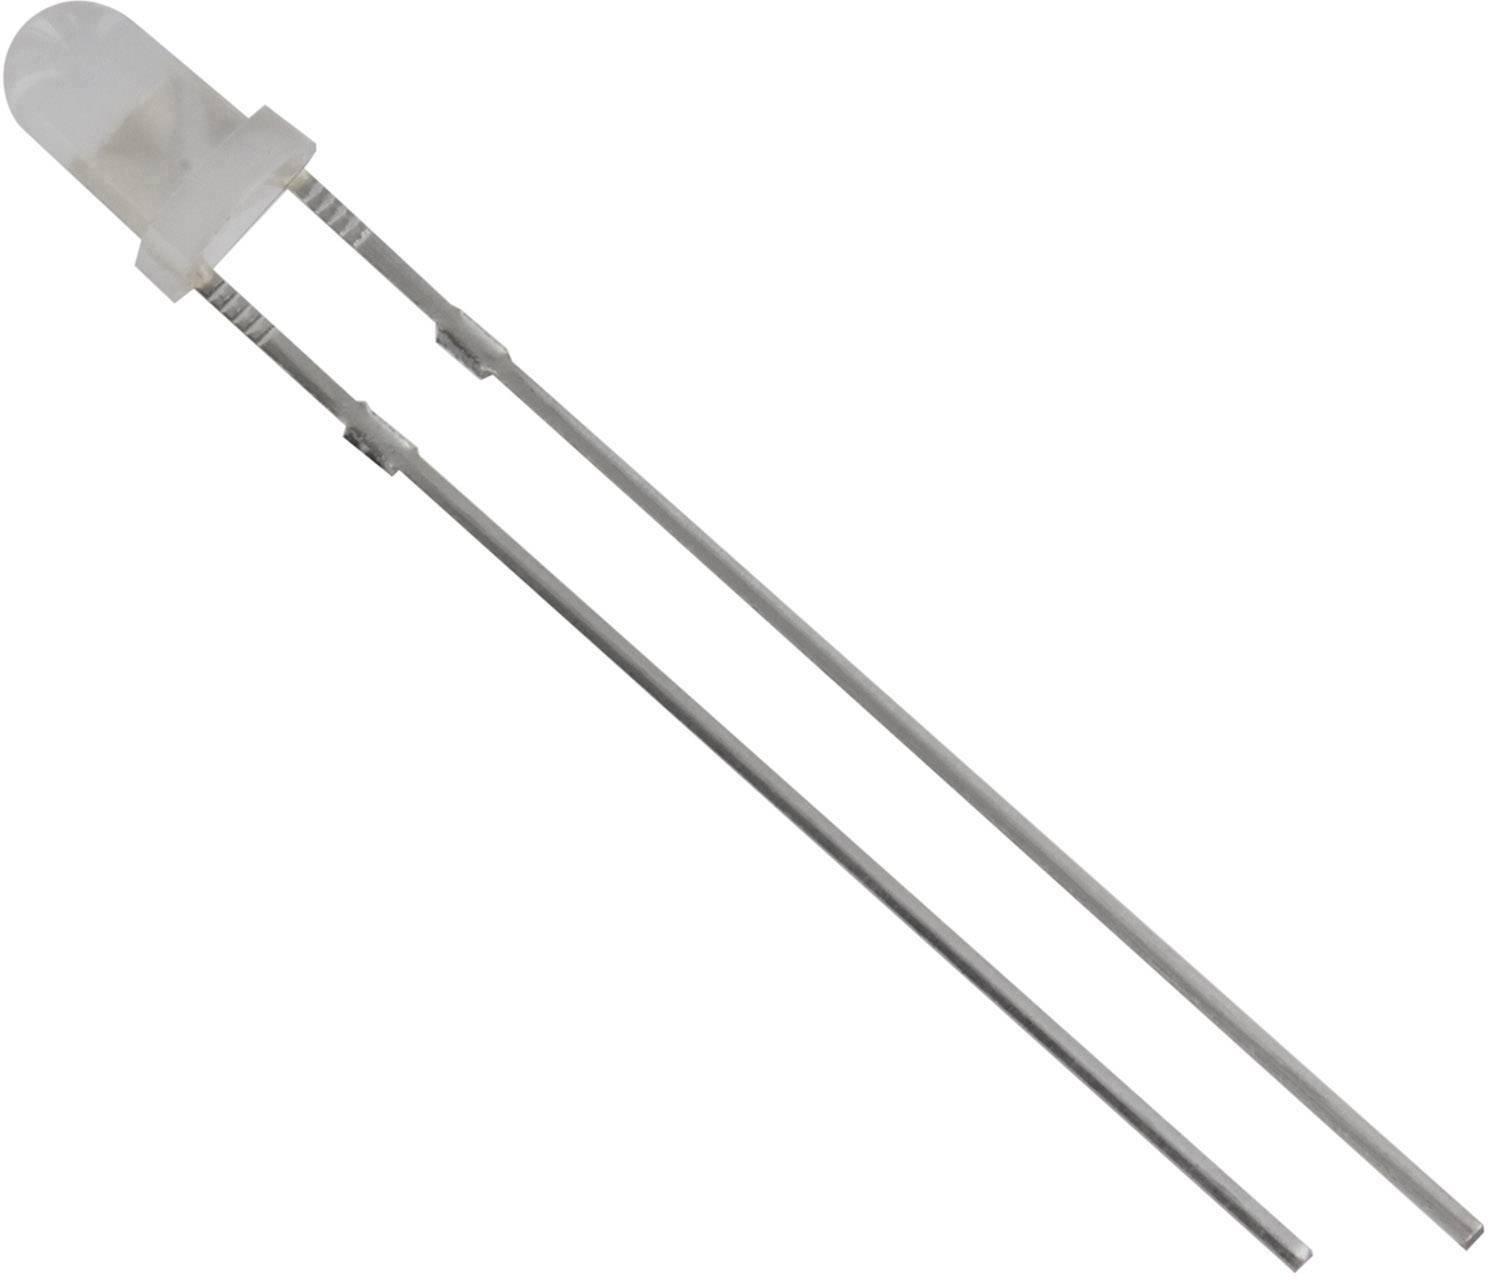 LED s vývody HuiYuan 3034W2D-ESA-B, typ čočky kulatý, 3 mm, 60 °, 20 mA, 1800 mcd, 3.1 V, bílá